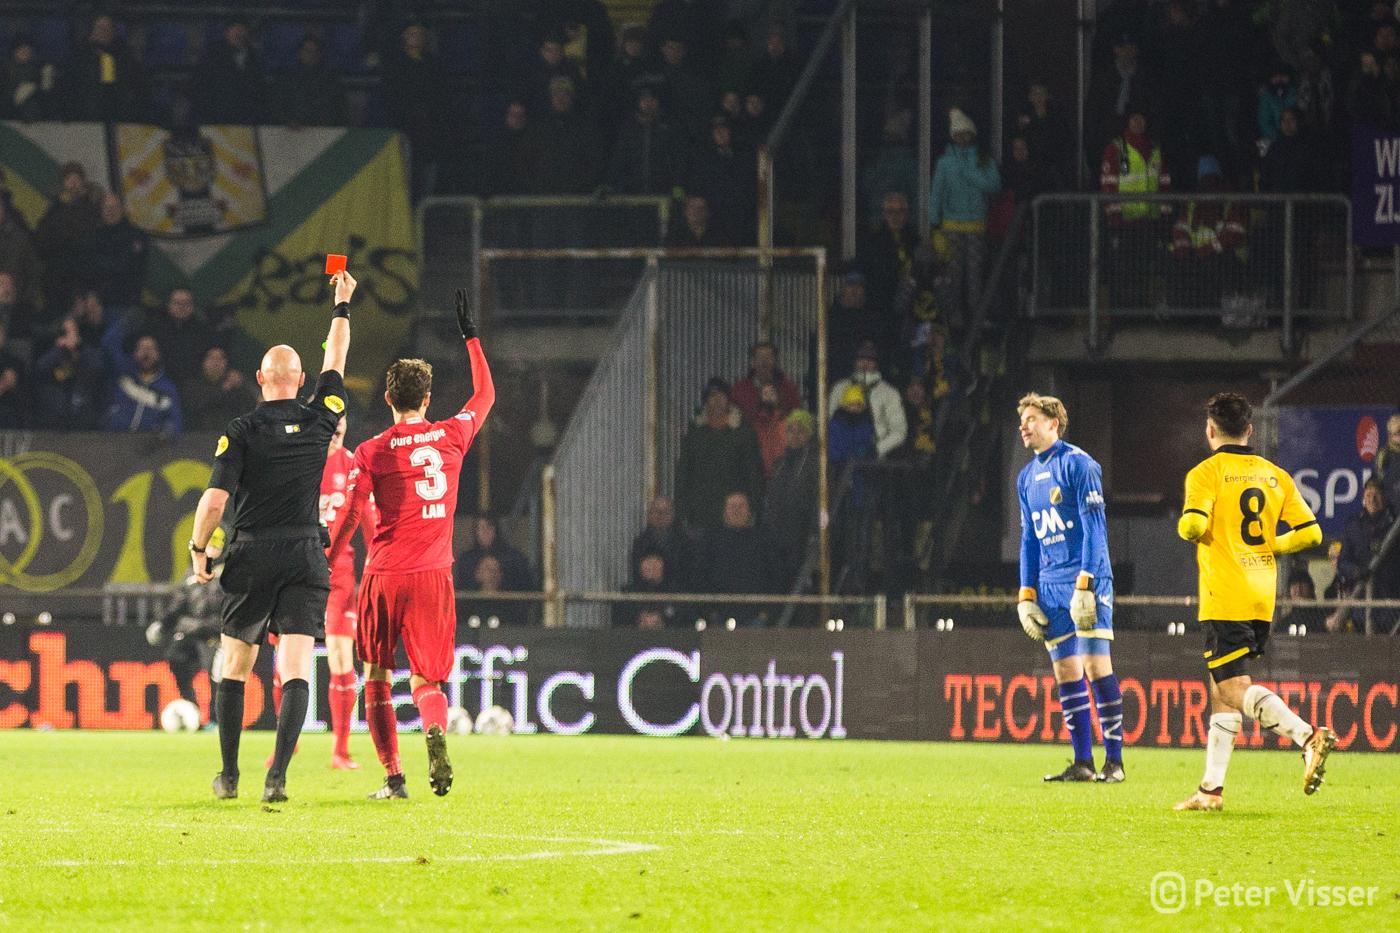 NAC heeft dinsdag 12 december met 1-2 verloren van FC Twente.